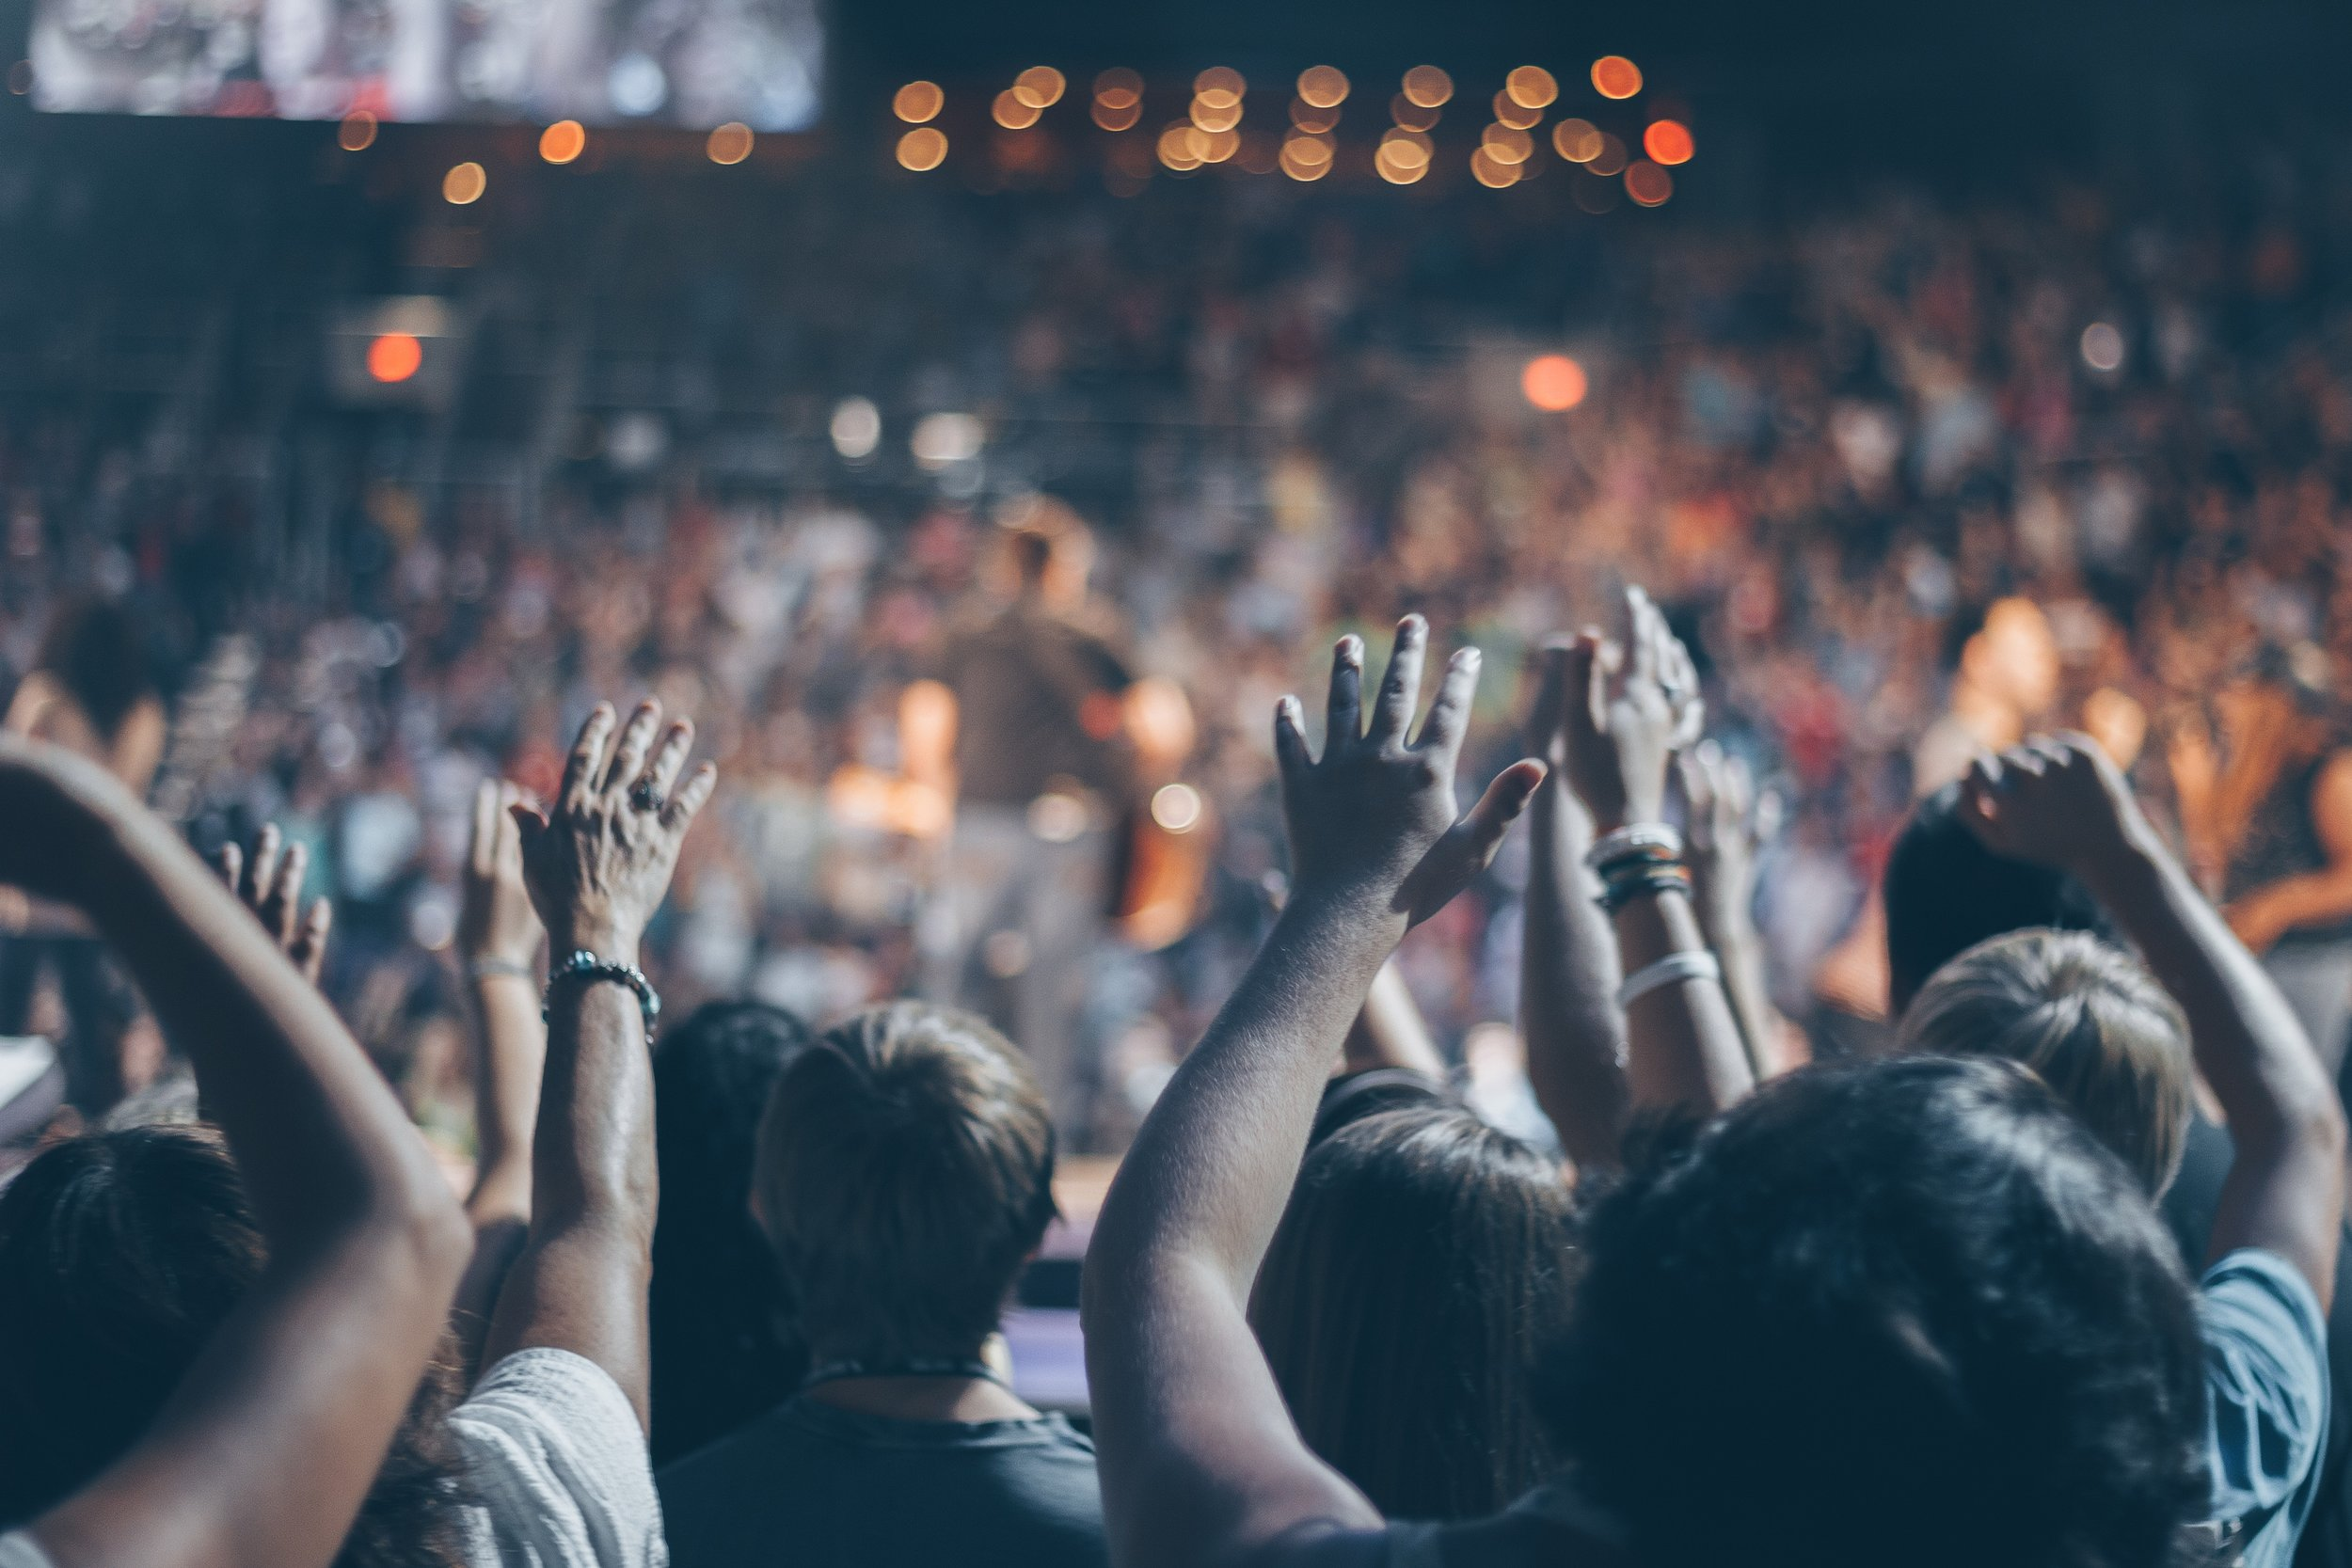 audience-blur-bokeh-976866.jpg